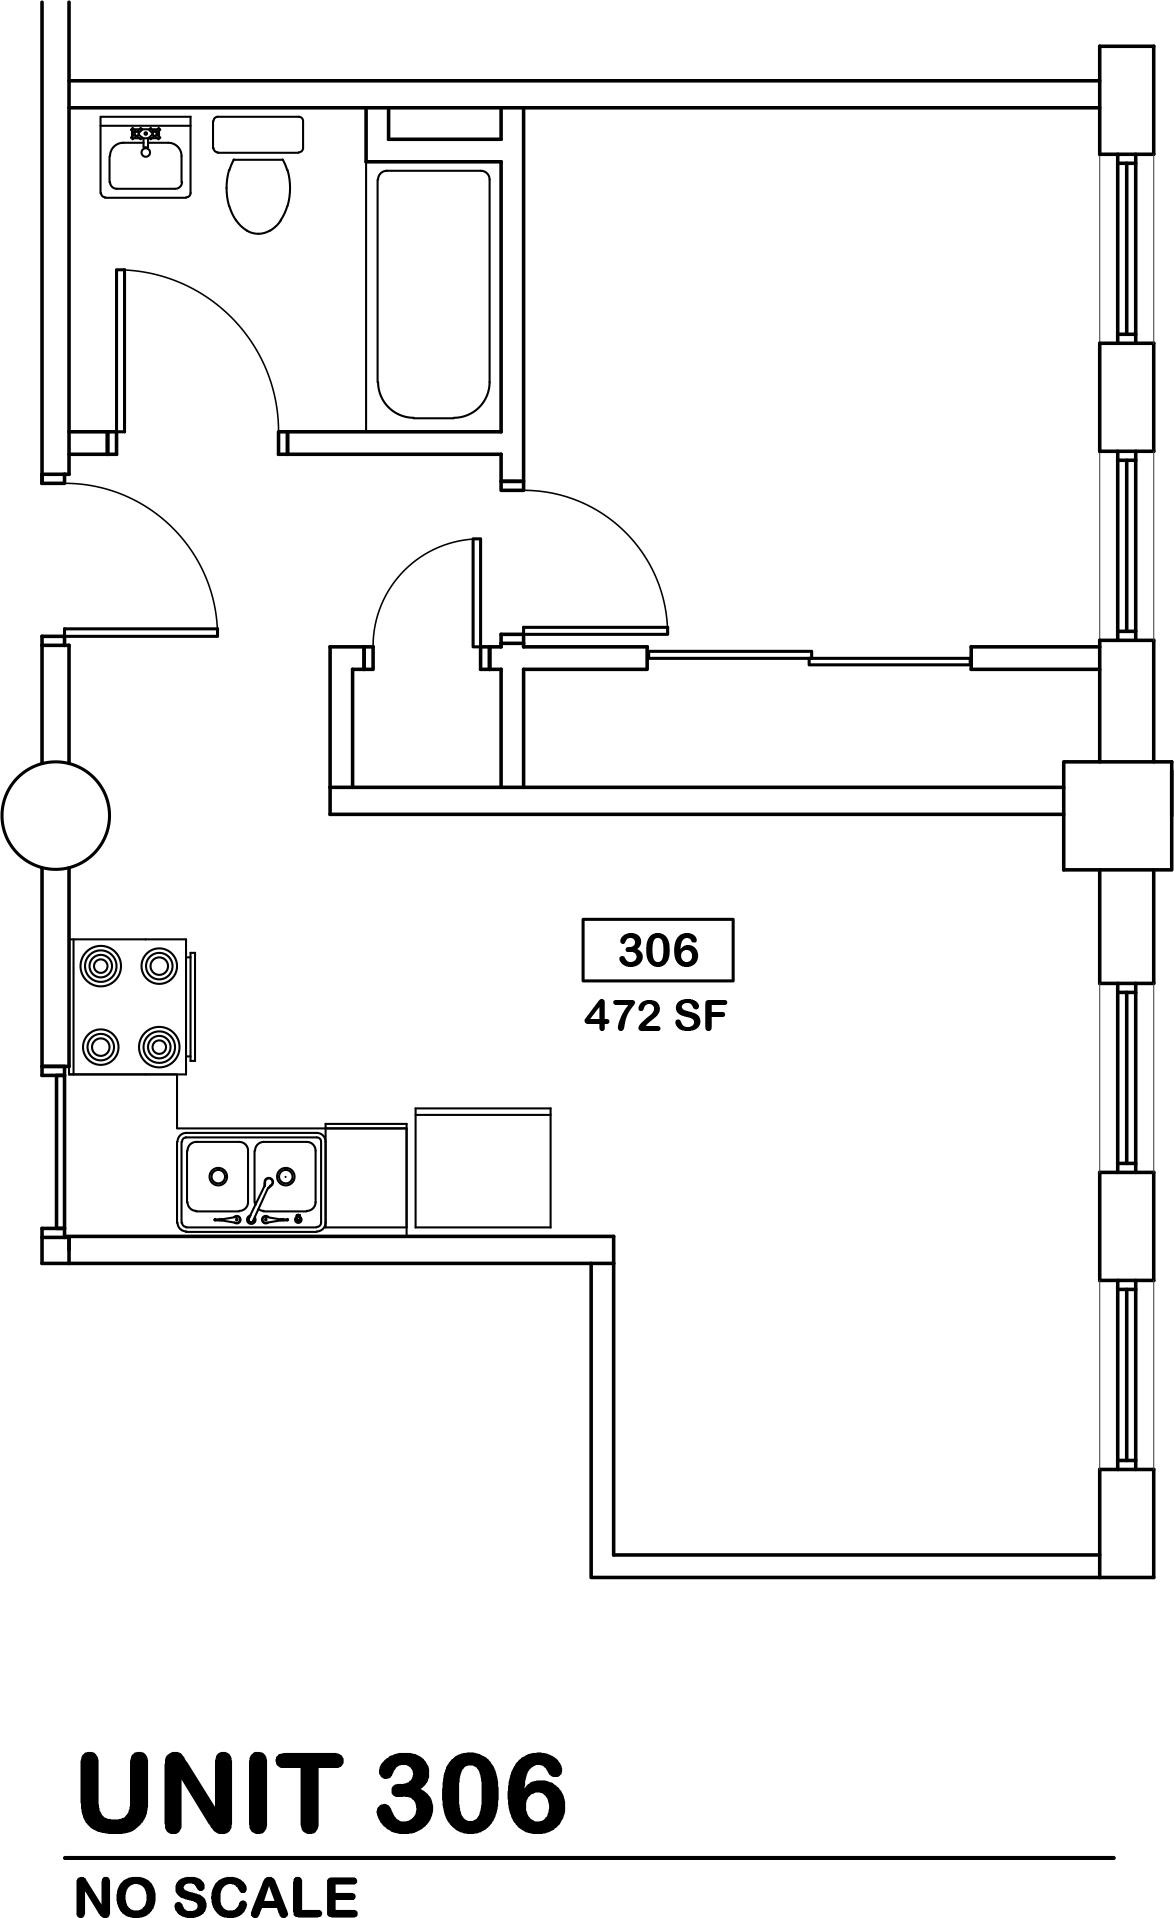 1 bed / 1 bath   $570 / 472 sq ft